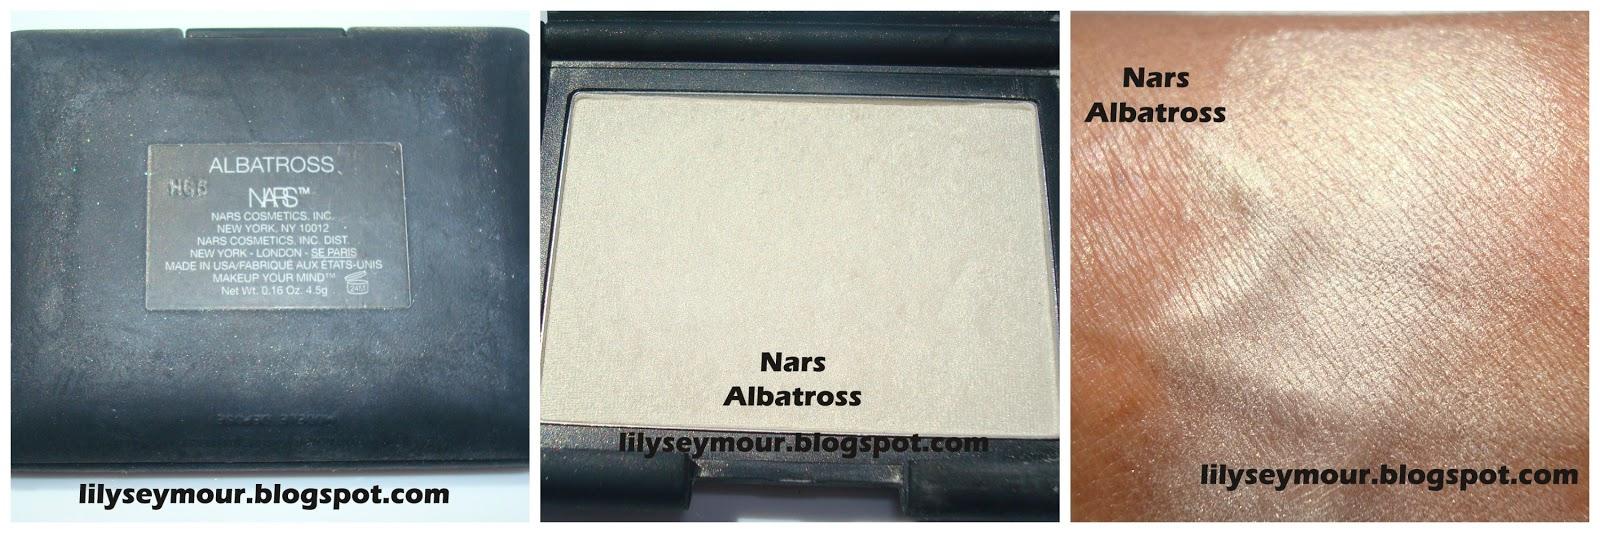 Nars Albatross Blush